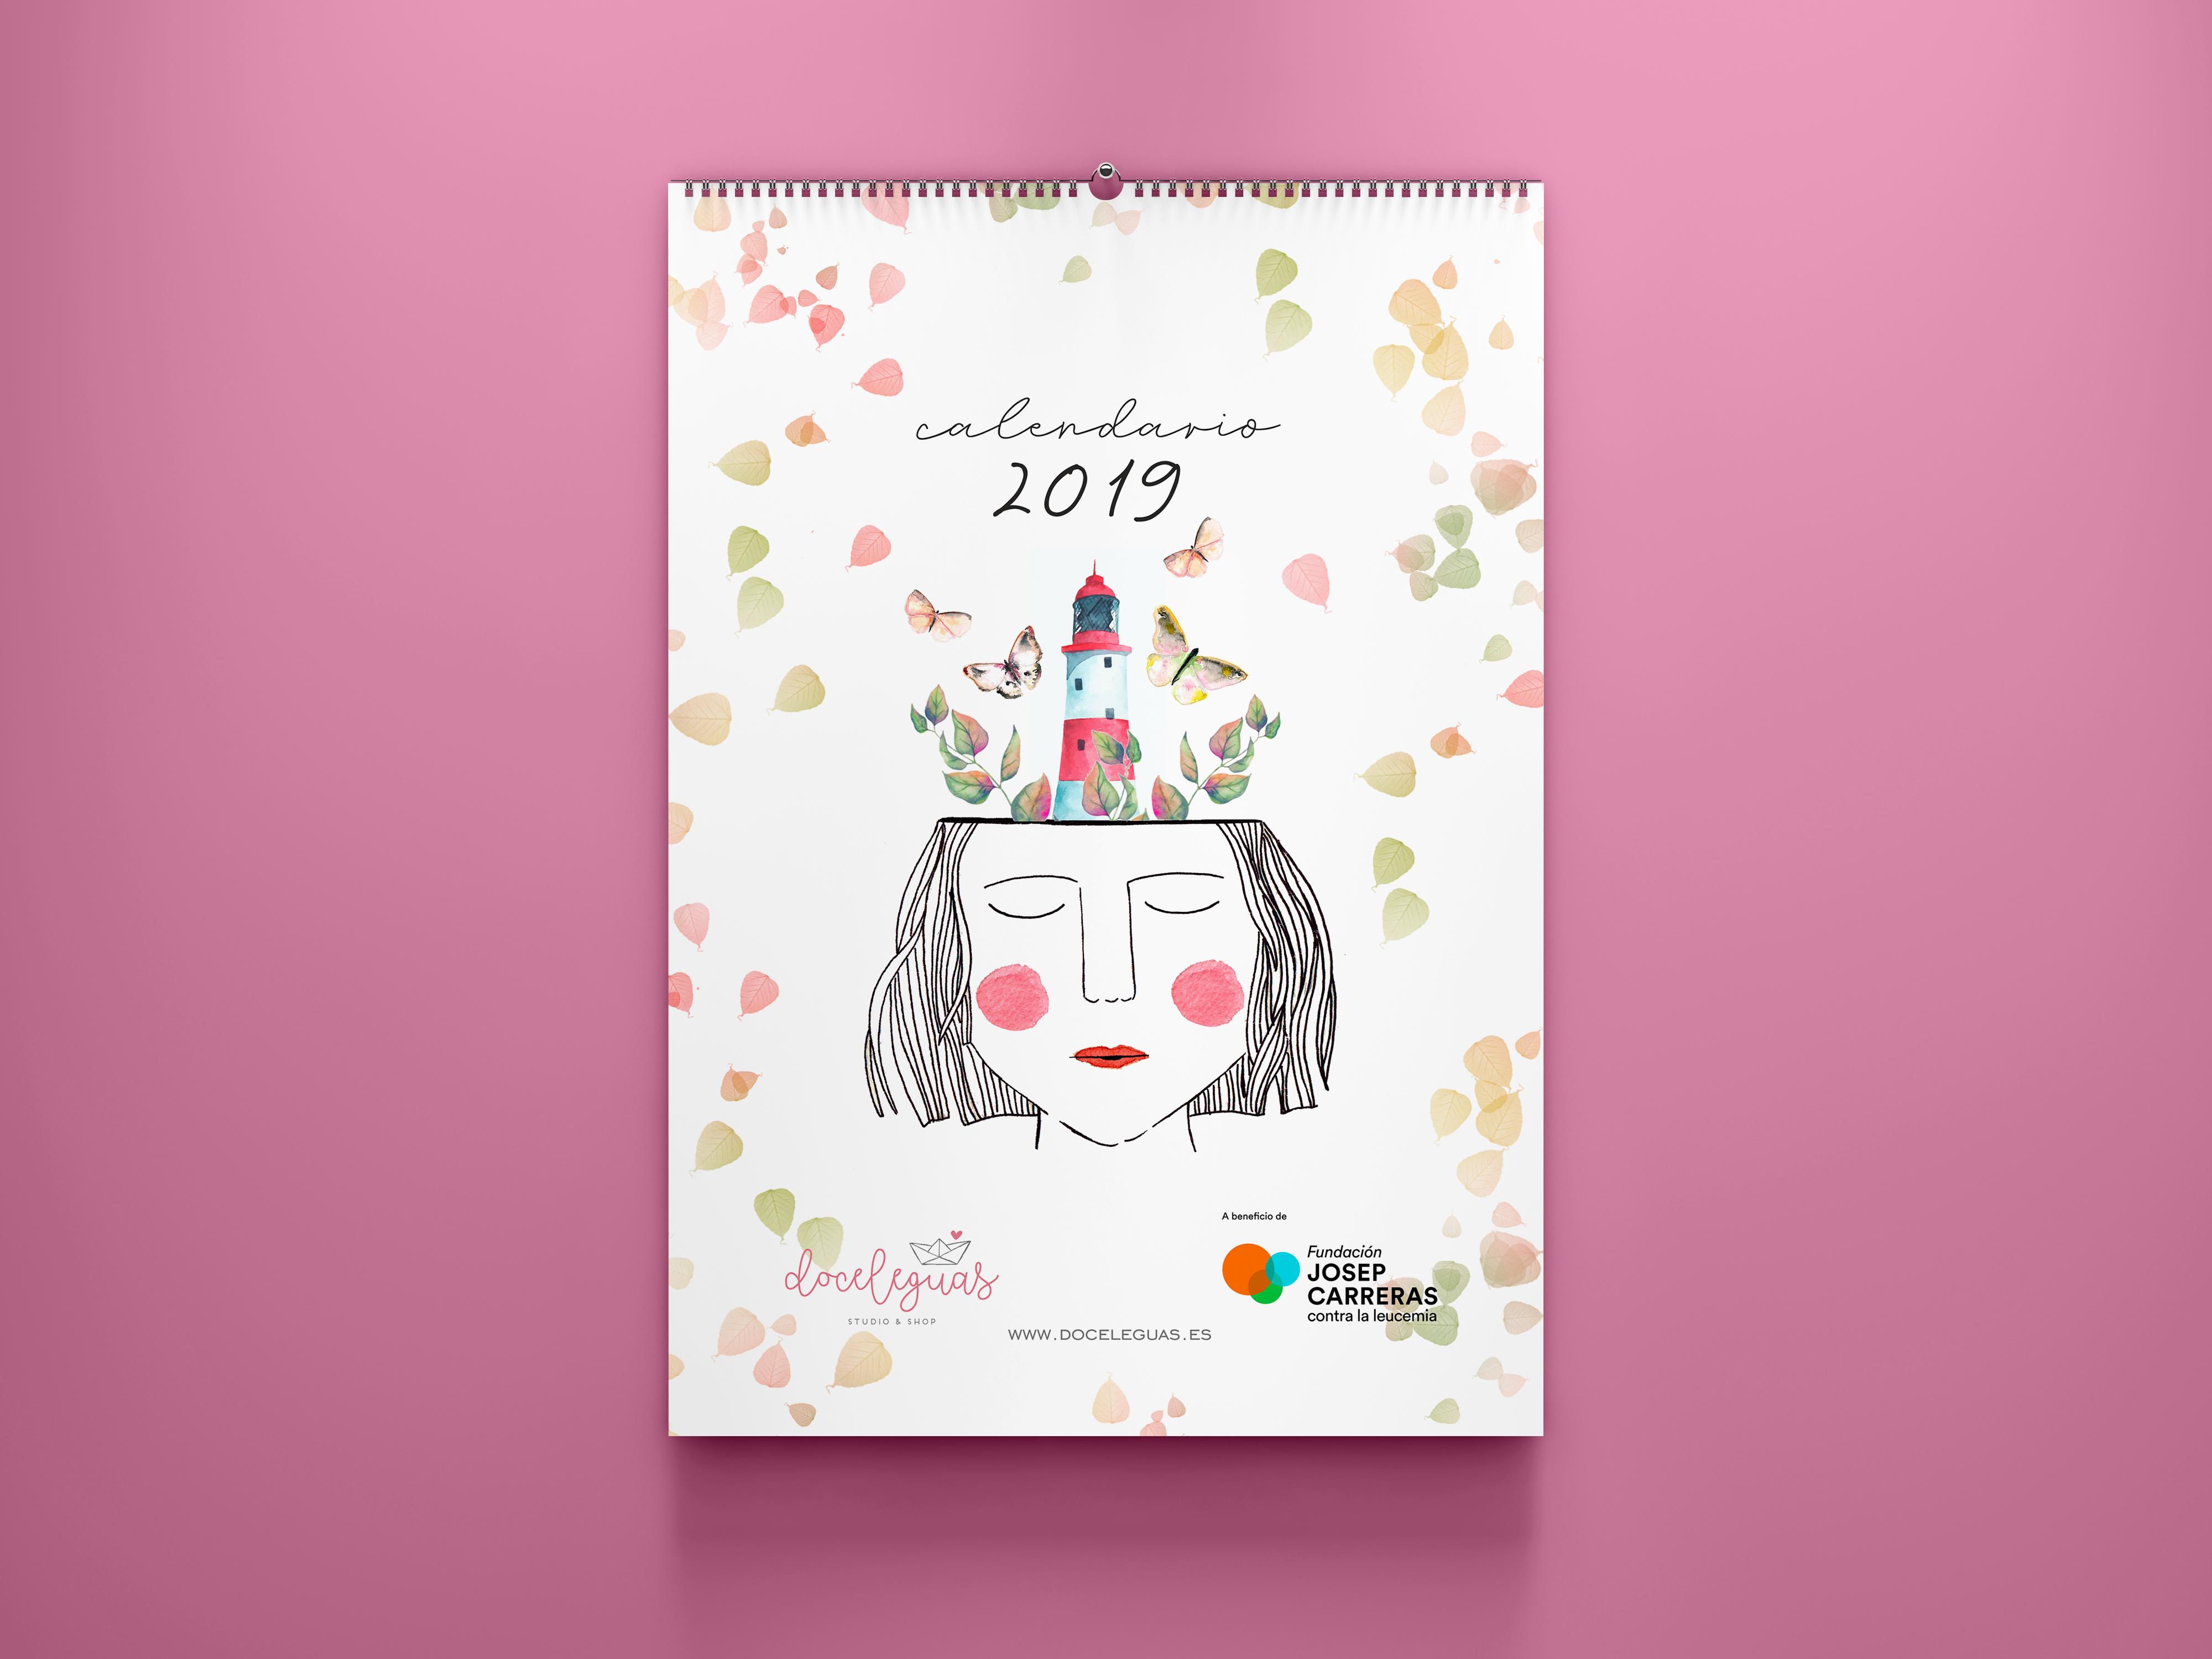 Calendario Rosa Png.Calendario De Pared Solidario 2019